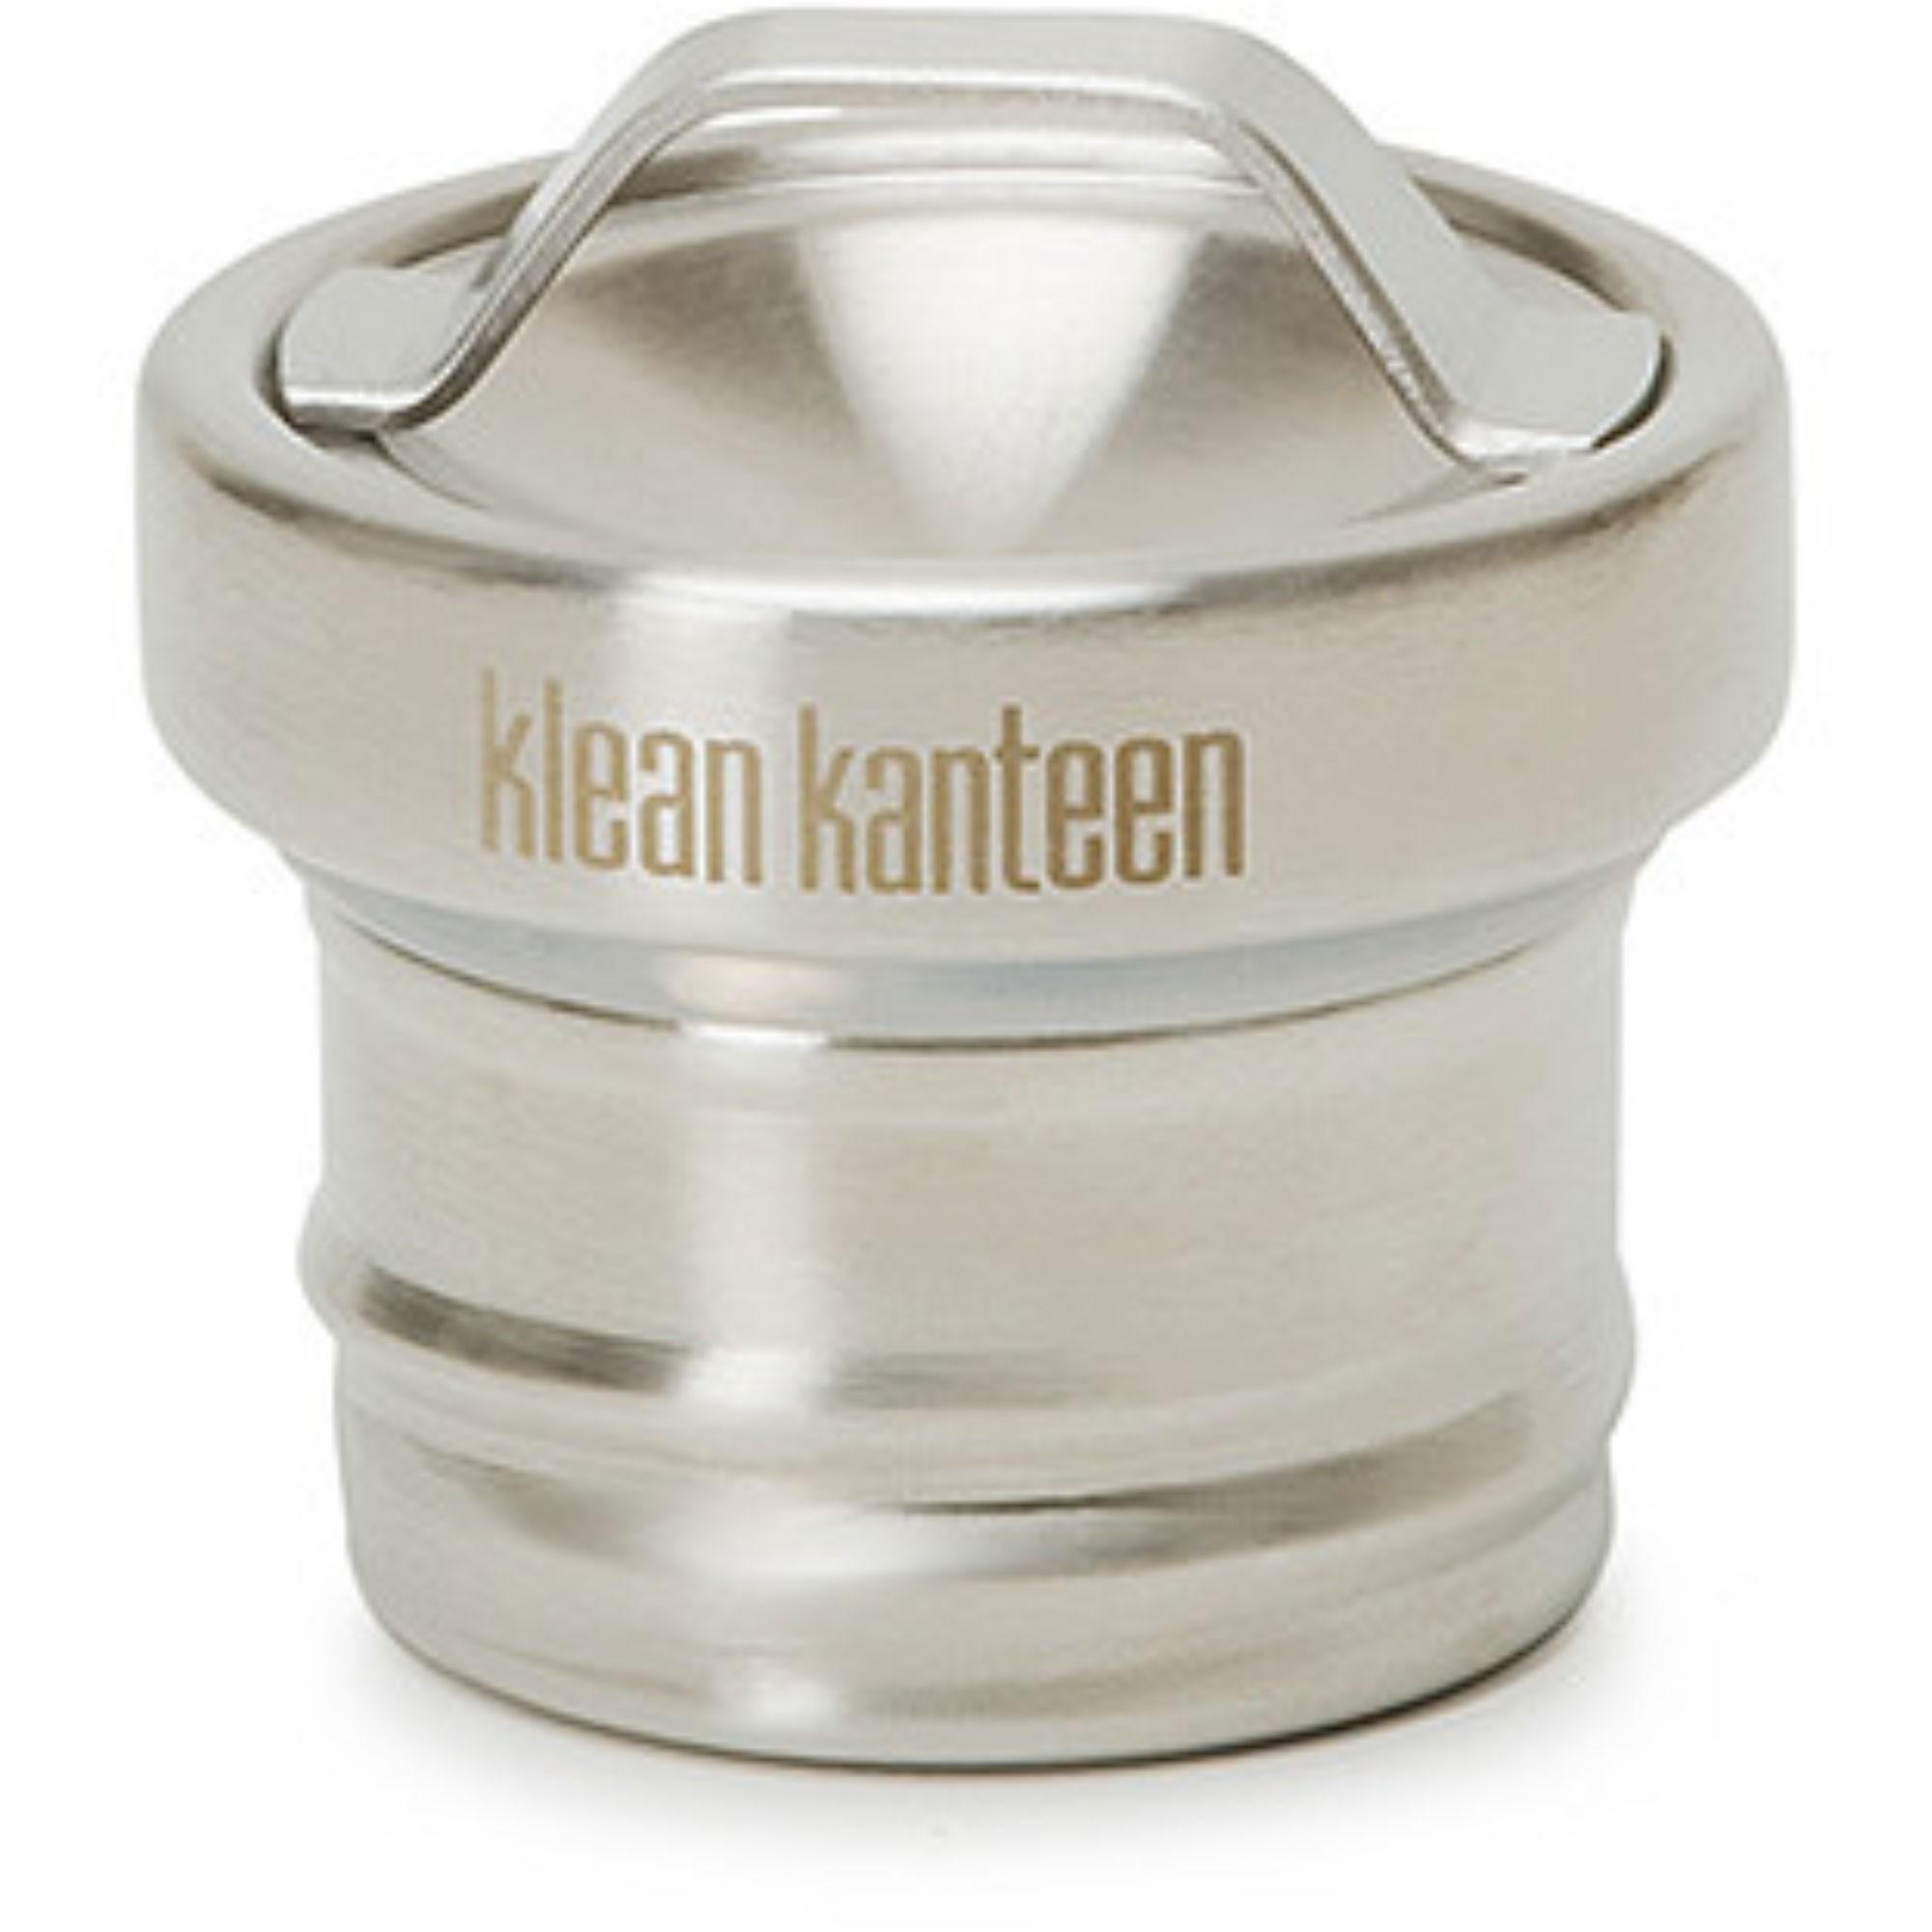 Klean Kanteen Loop Cap - Stainless Steel